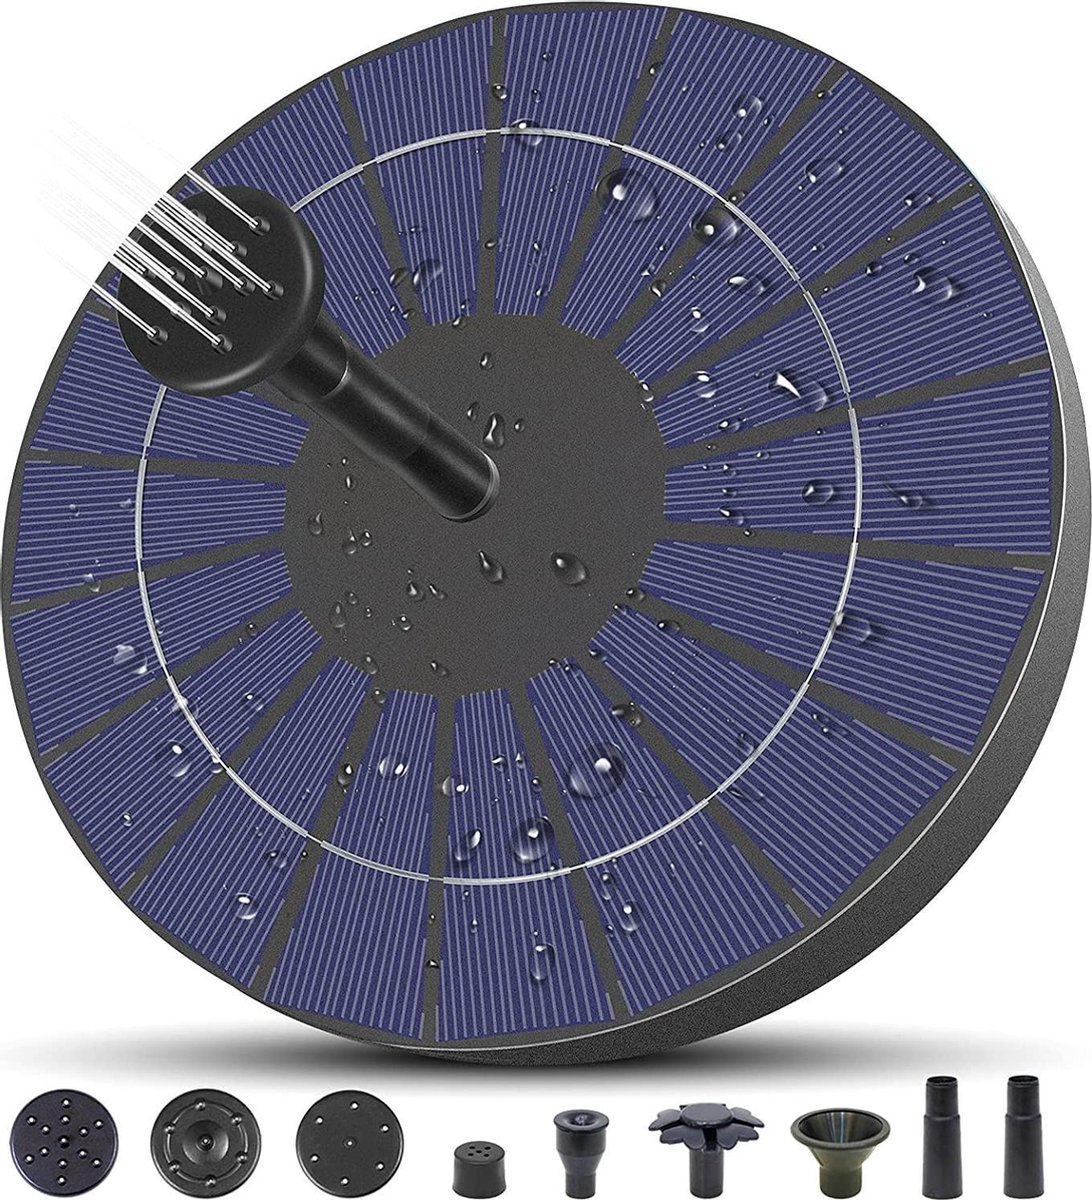 Fontein op Zonne Energie - Solar Fontein Pomp - Vijver Fontein - Milieuvriendelijke Fontijn - 6 Opzetstukken